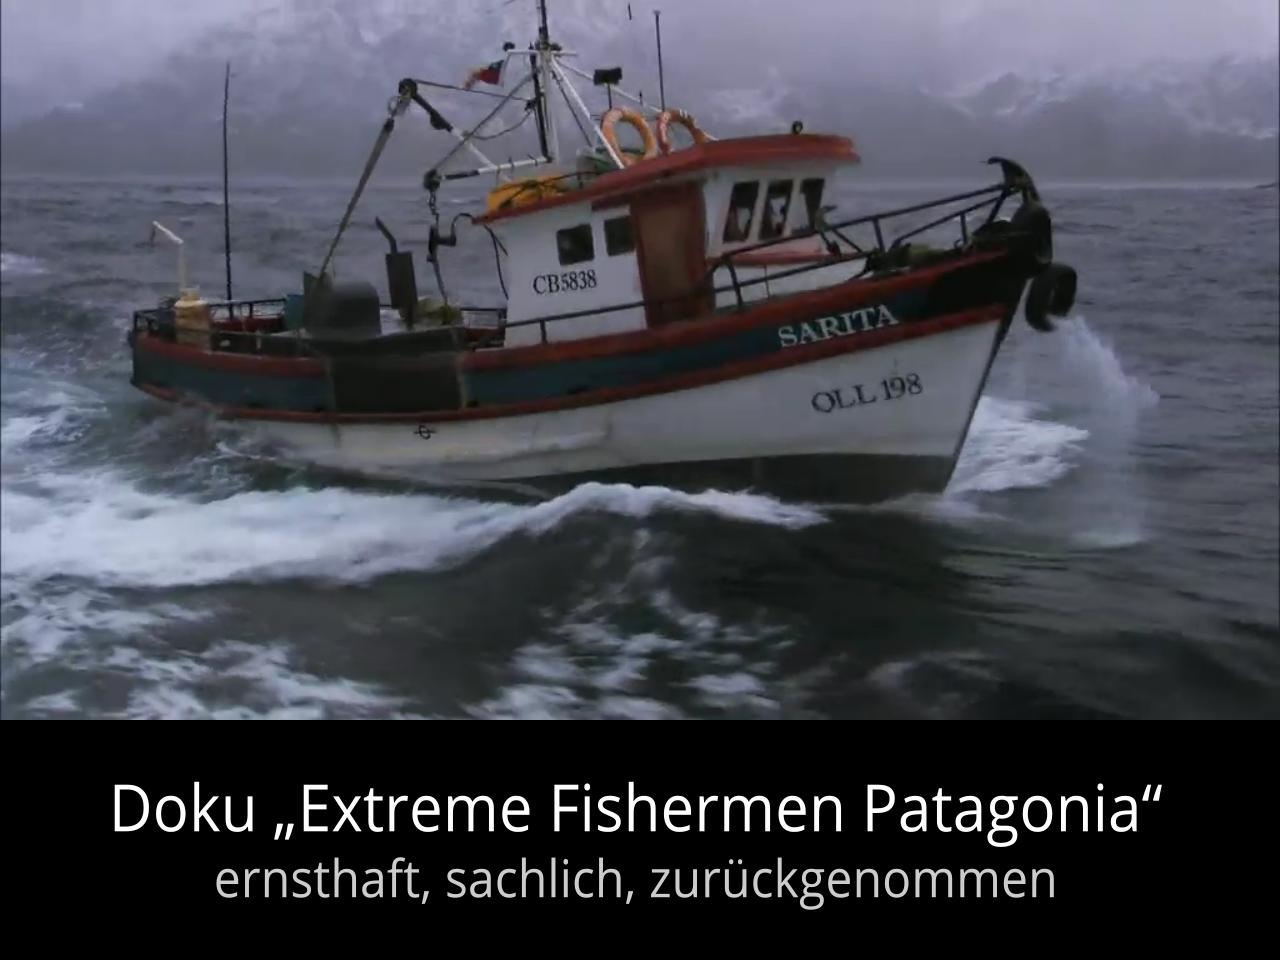 THUMB_TITLE_Fishermen